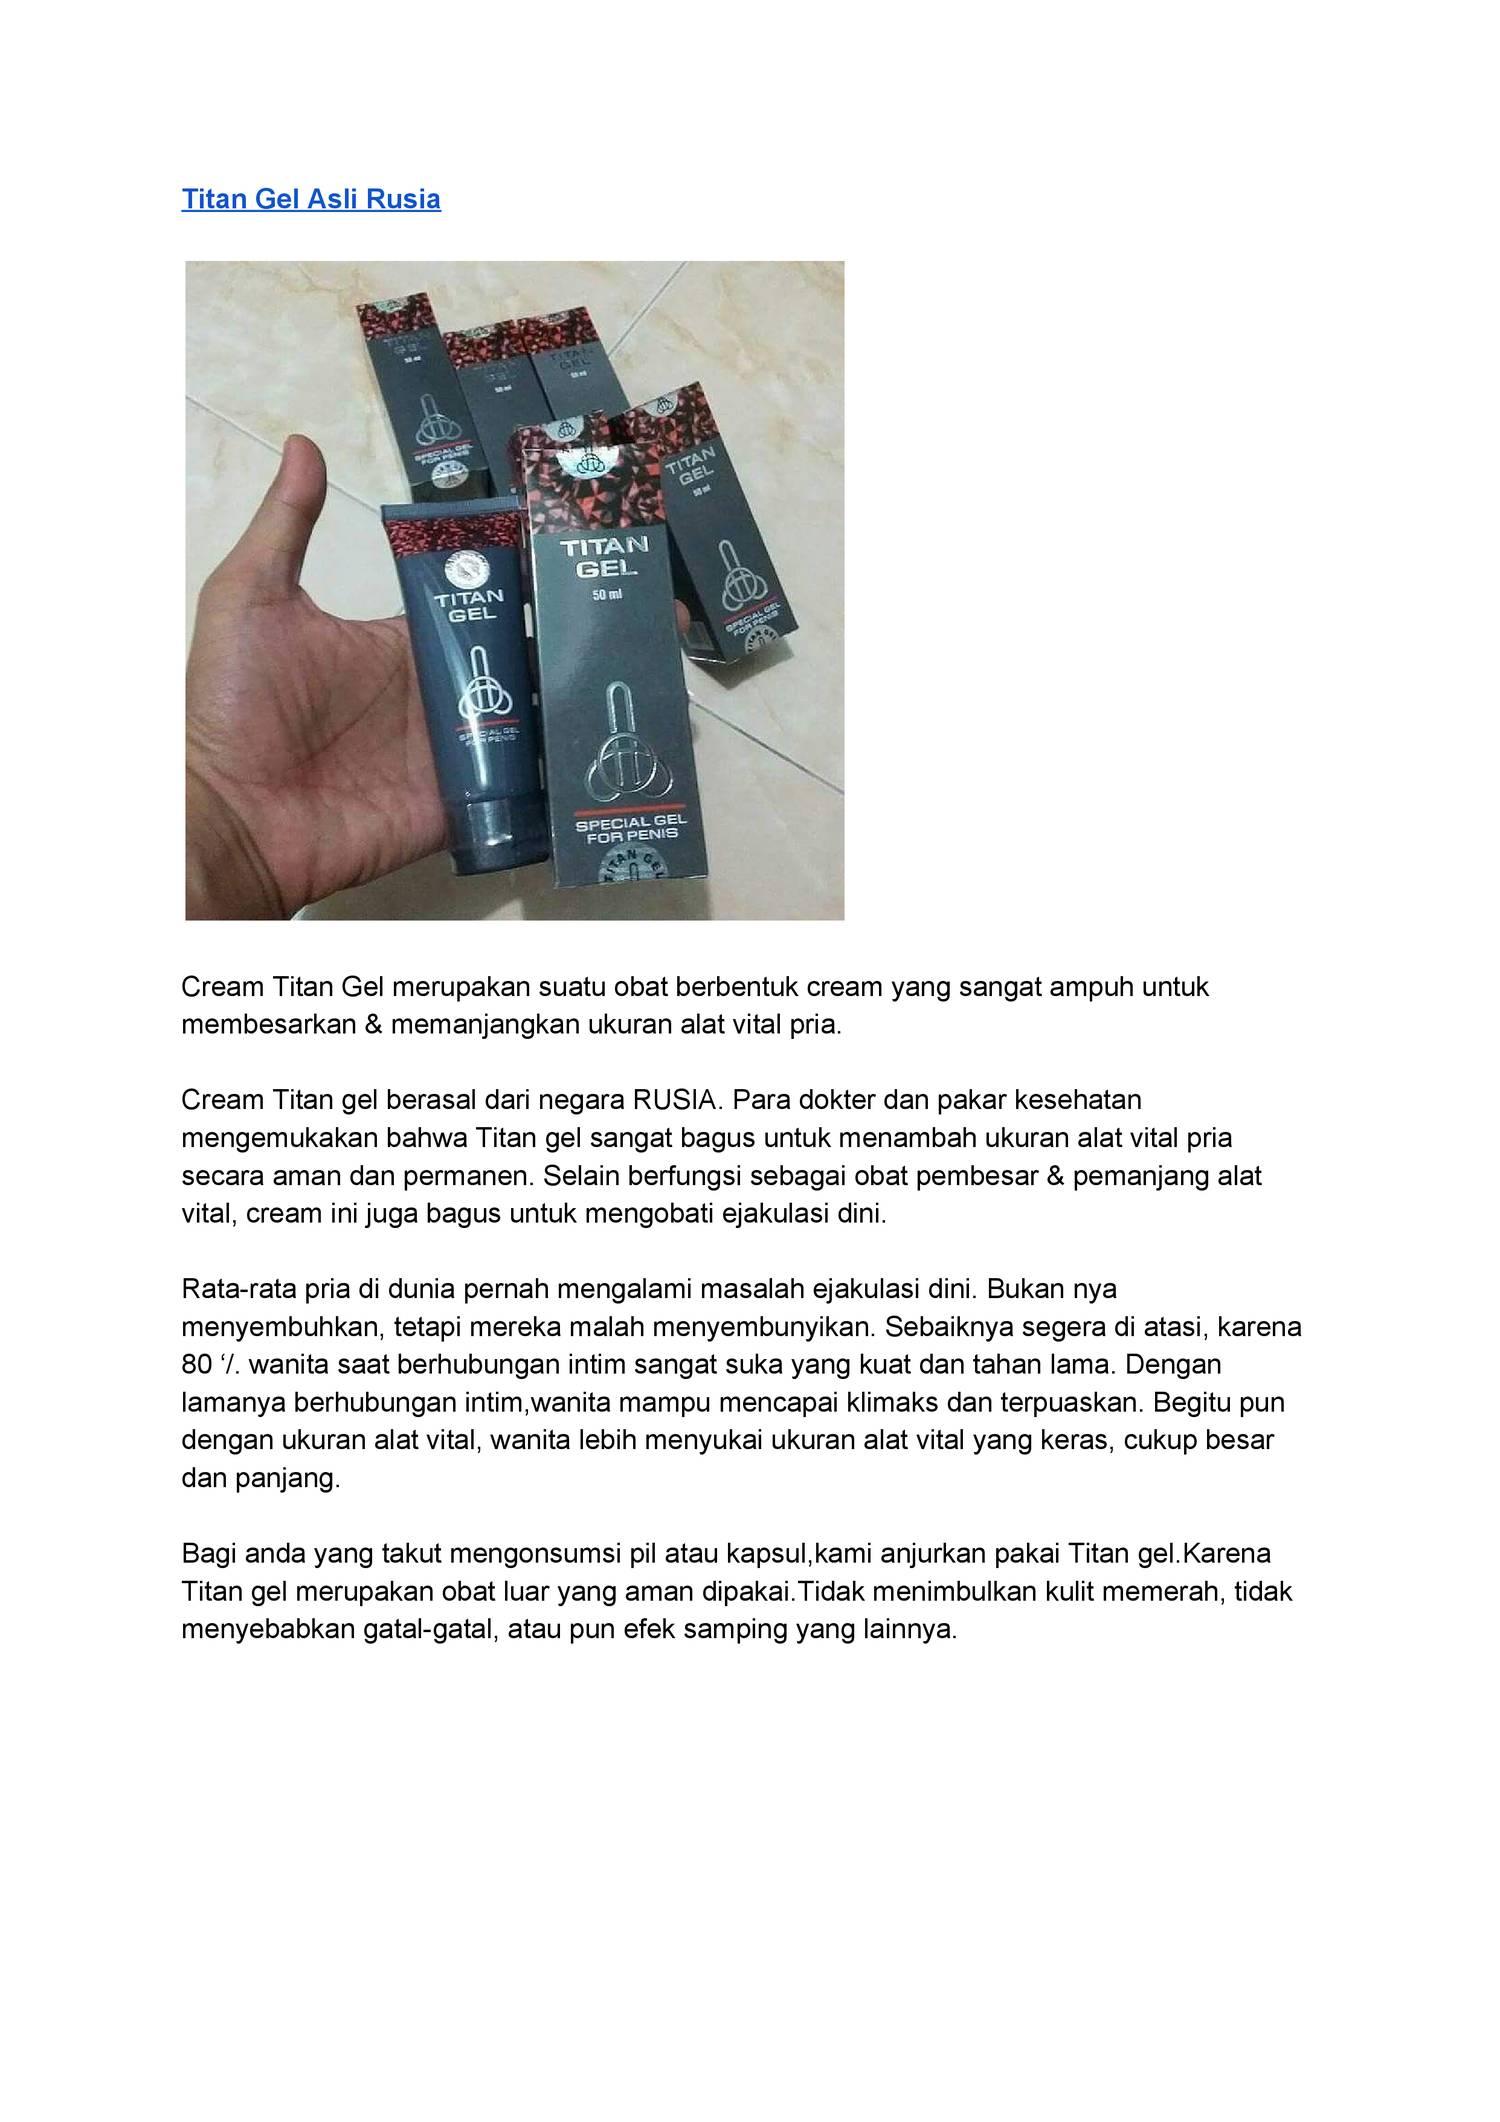 cream titan gel asli rusia pdf docdroid